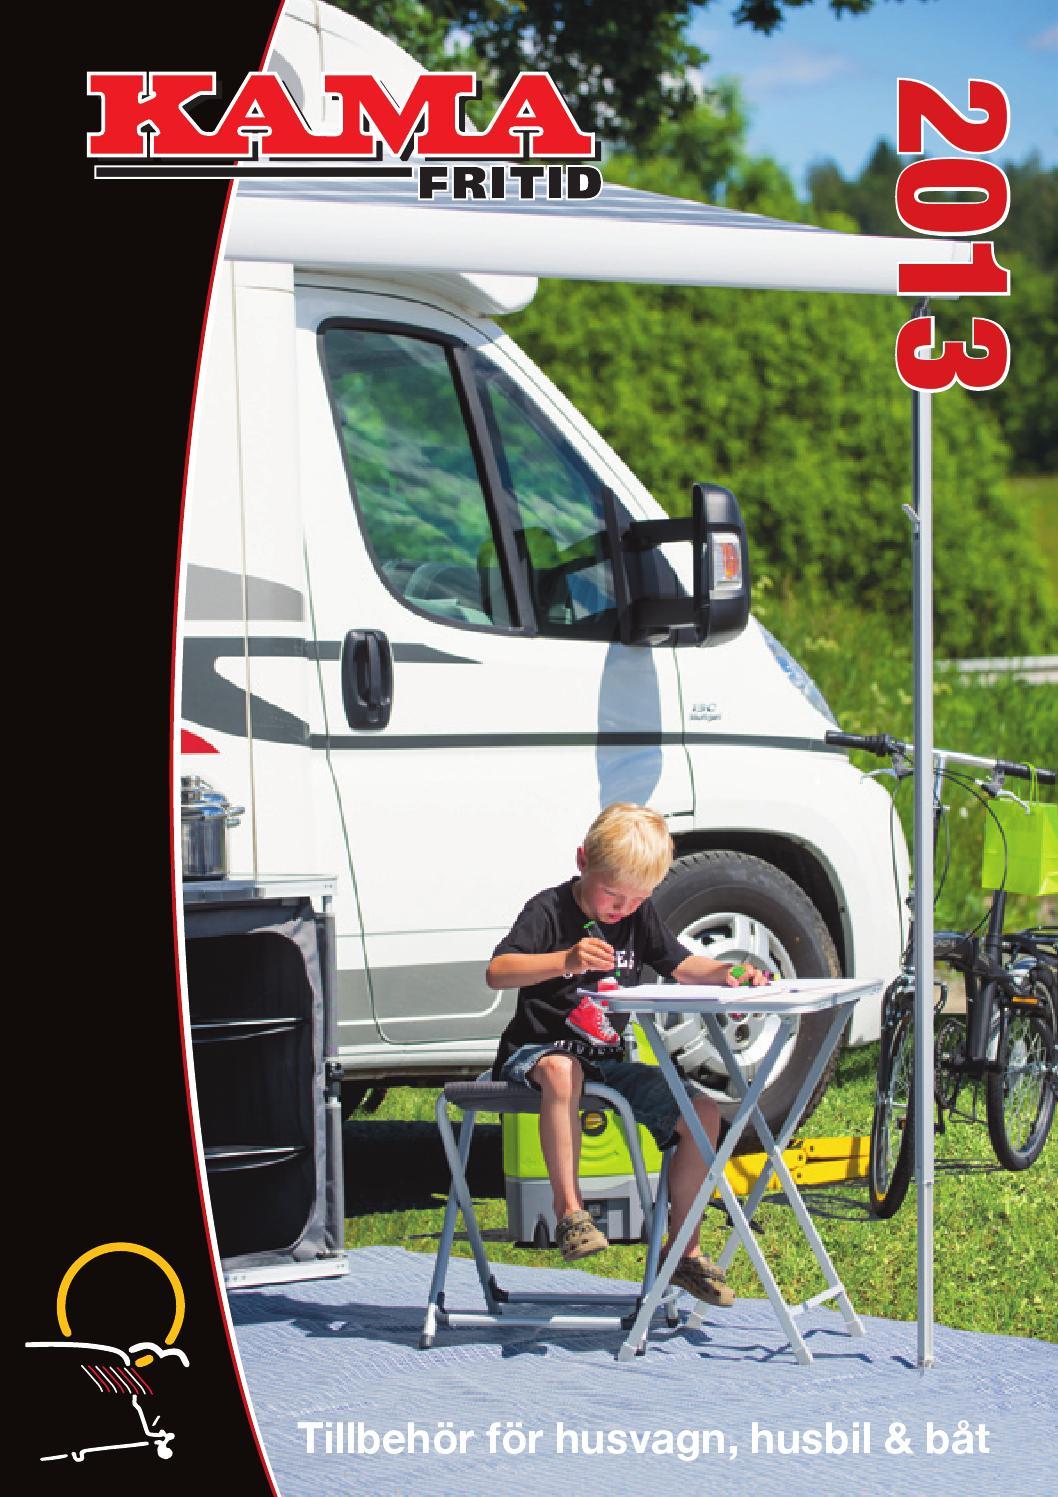 Kama Fritid Katalog by izze96 - issuu